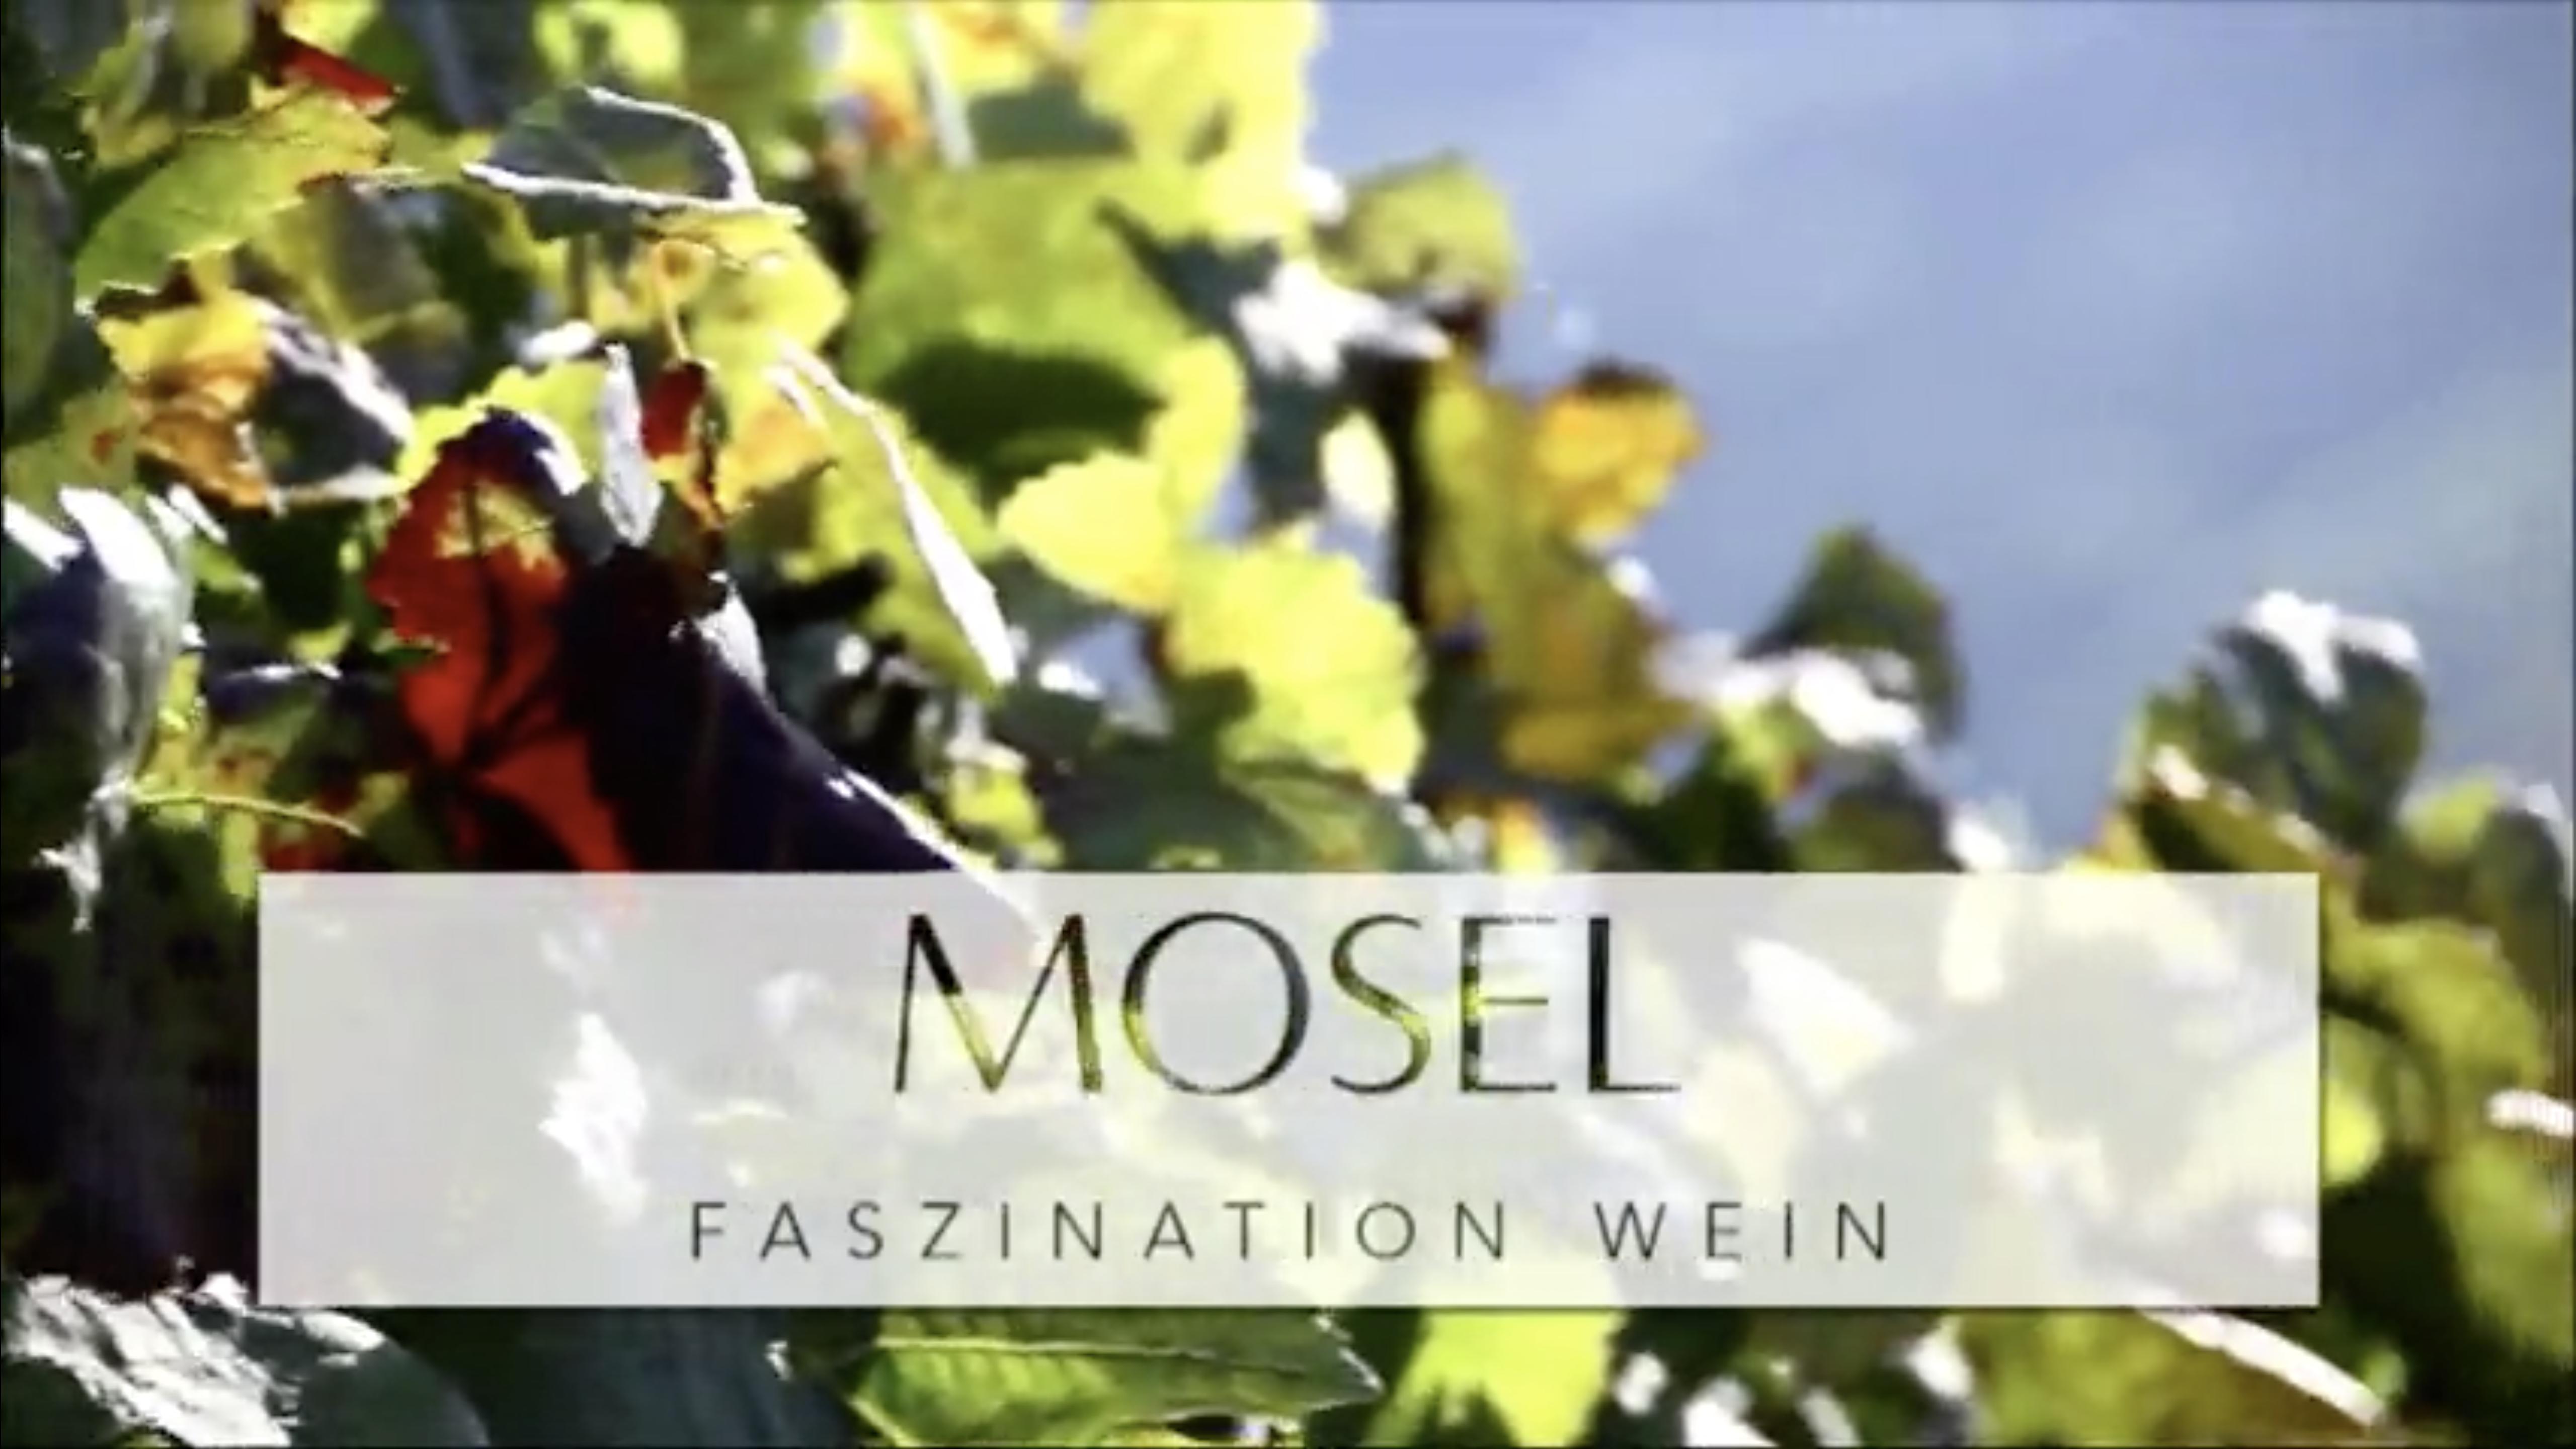 Ruwer wine-growing region